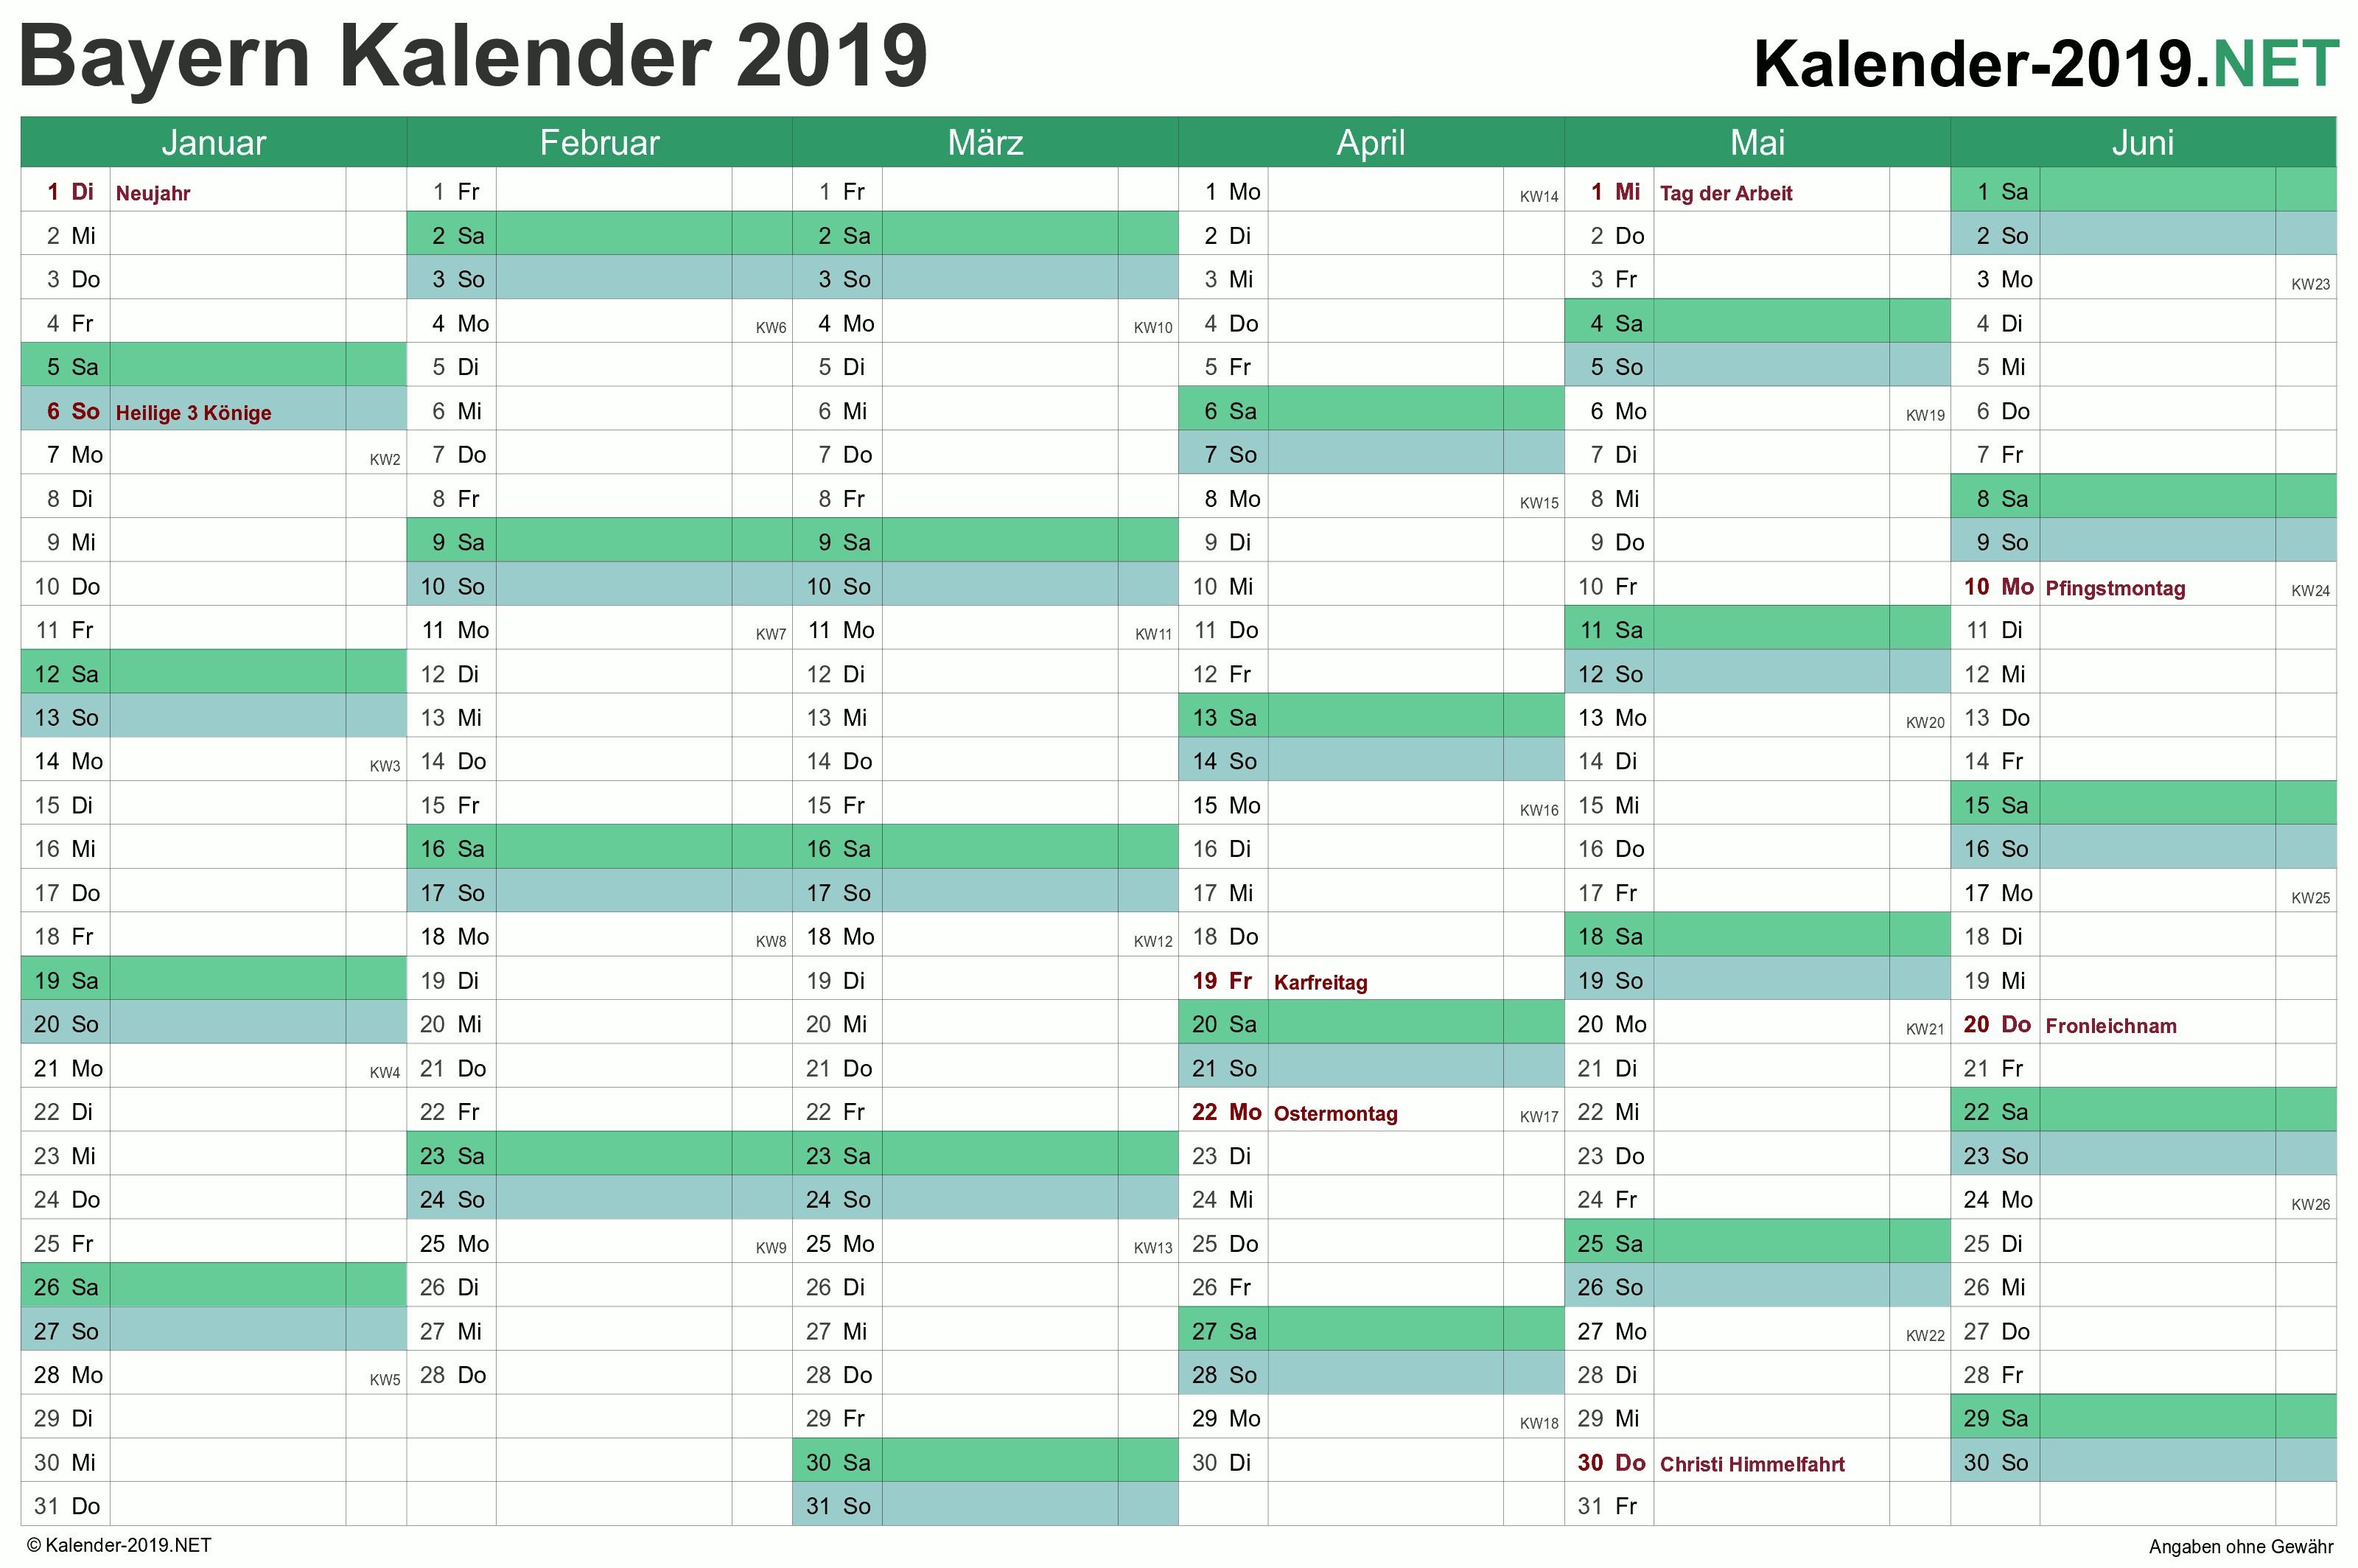 Bayern Kalender 2019 Mit Feiertagen Kalendervorlagen 2019 Von Bayern Ferien 2019 Kalender